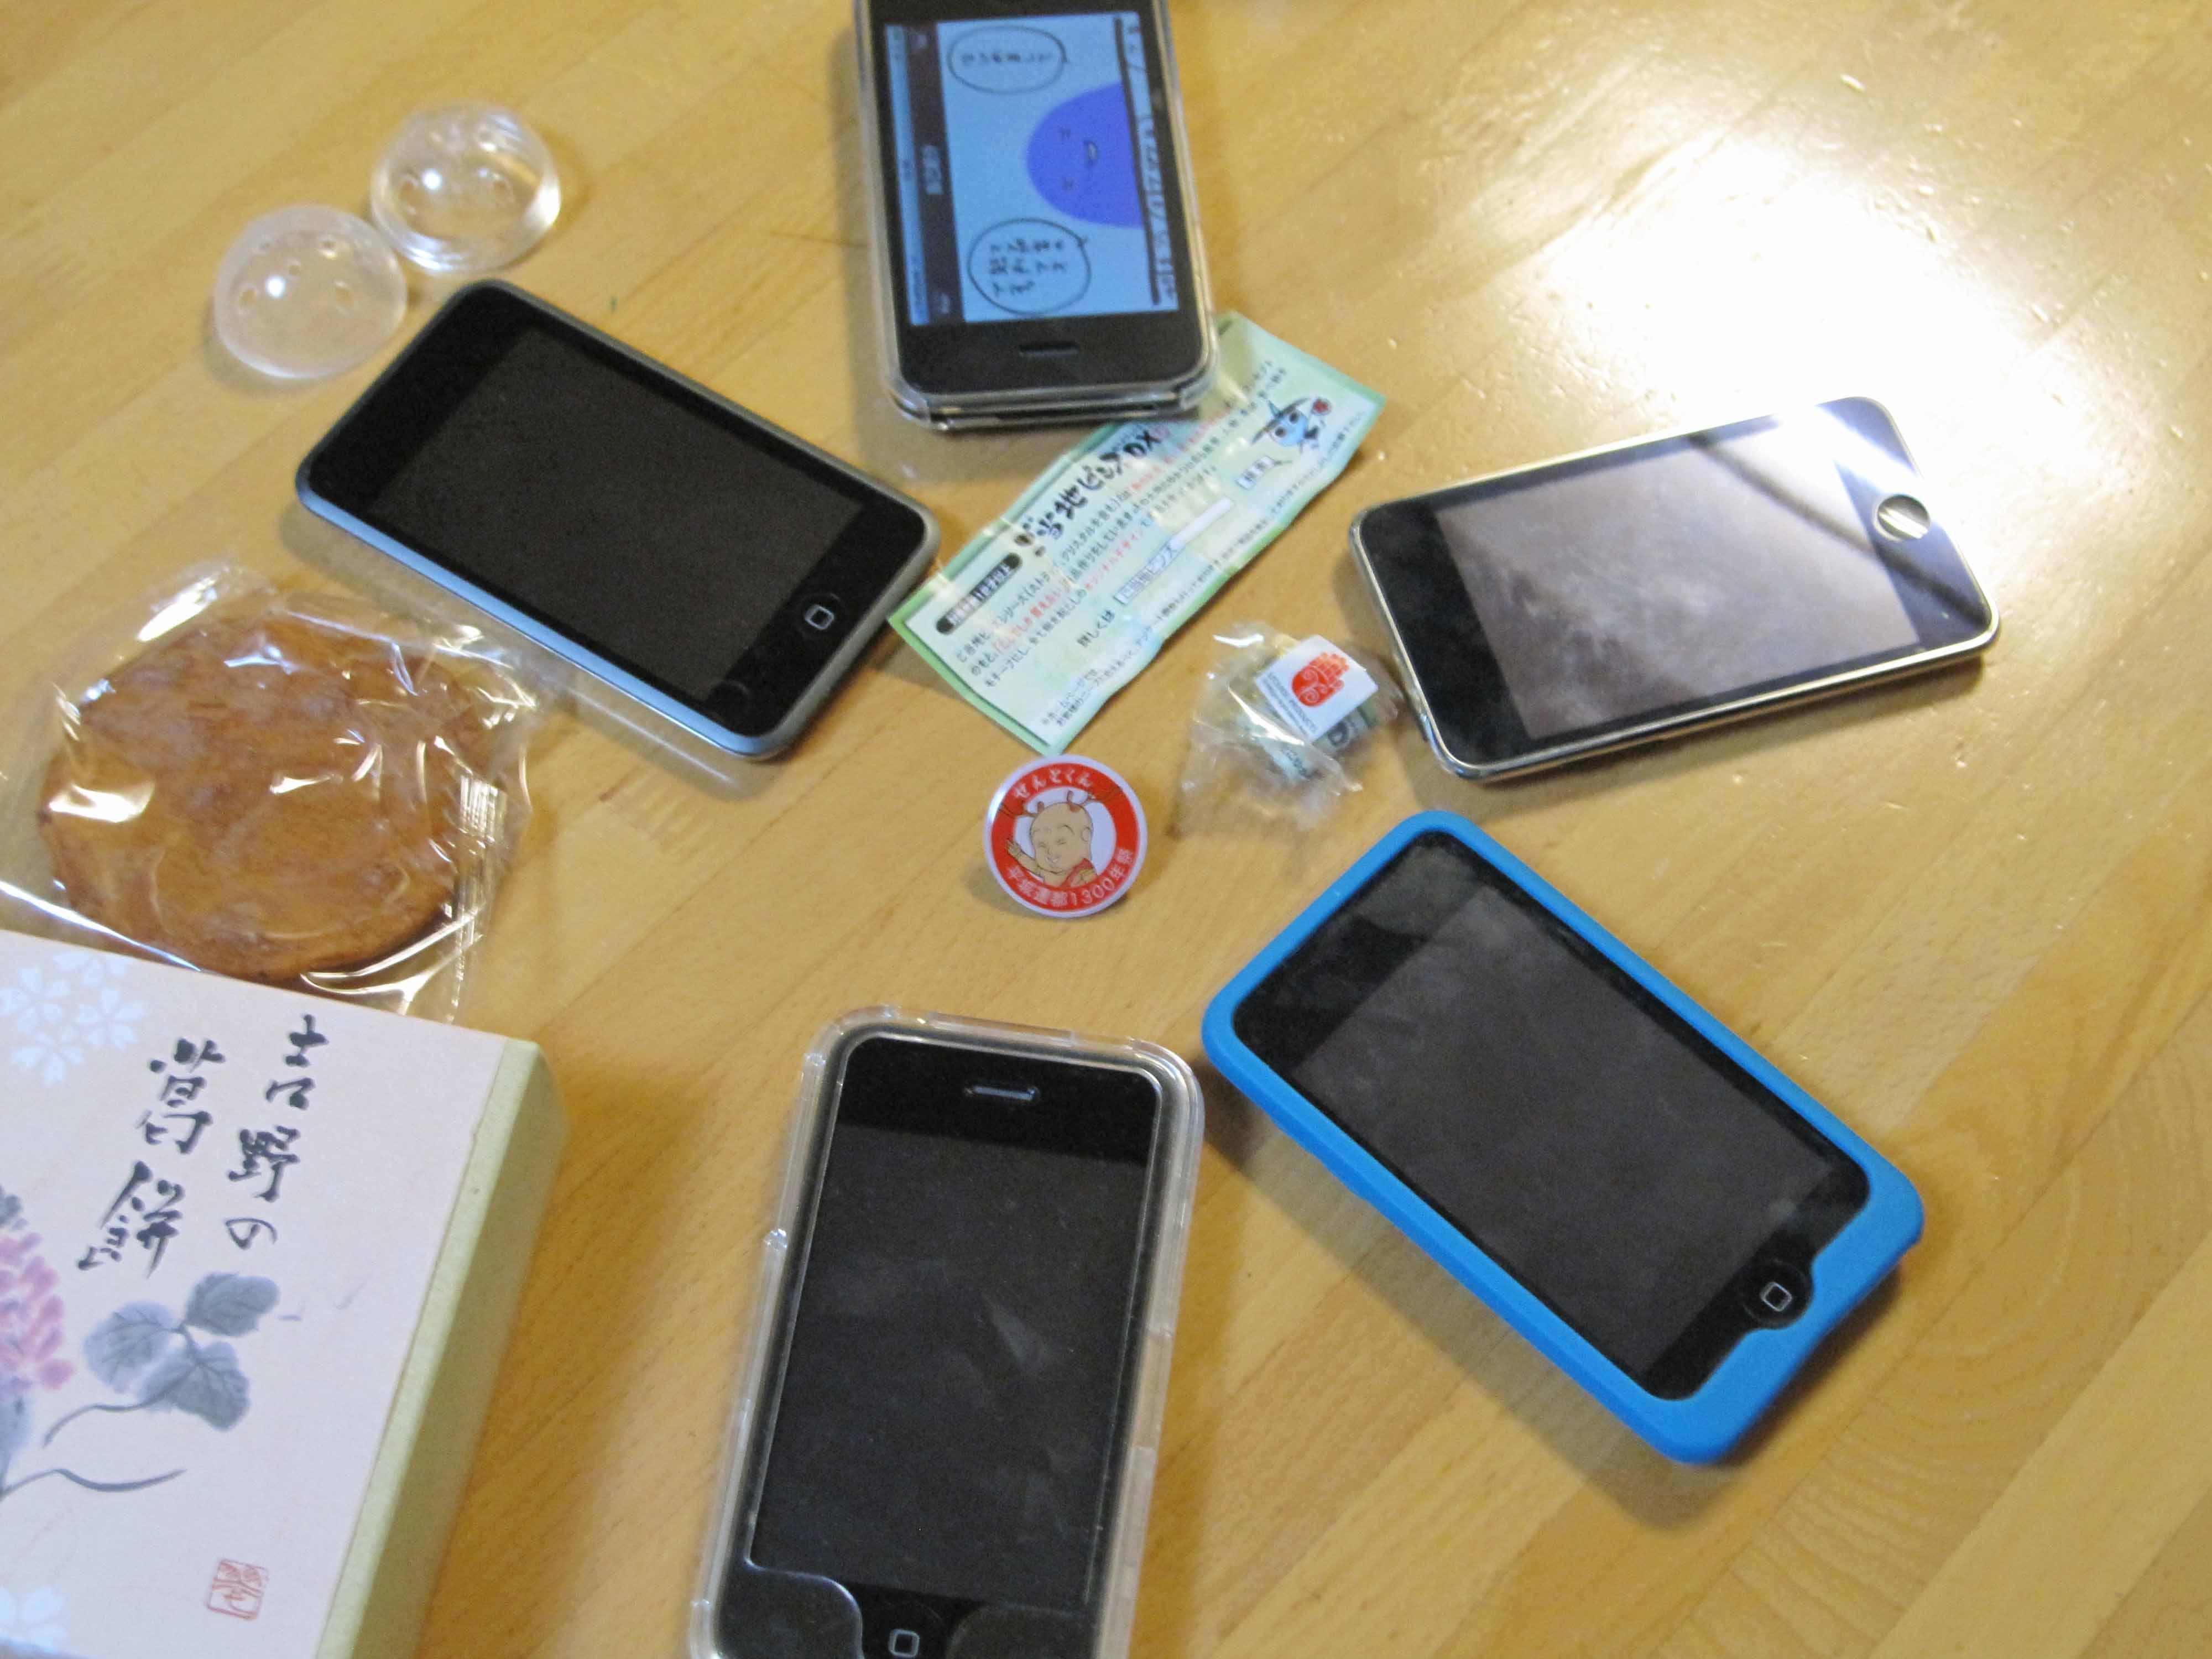 今日もiPhoneアプリ開発作業中!_c0166765_14573631.jpg